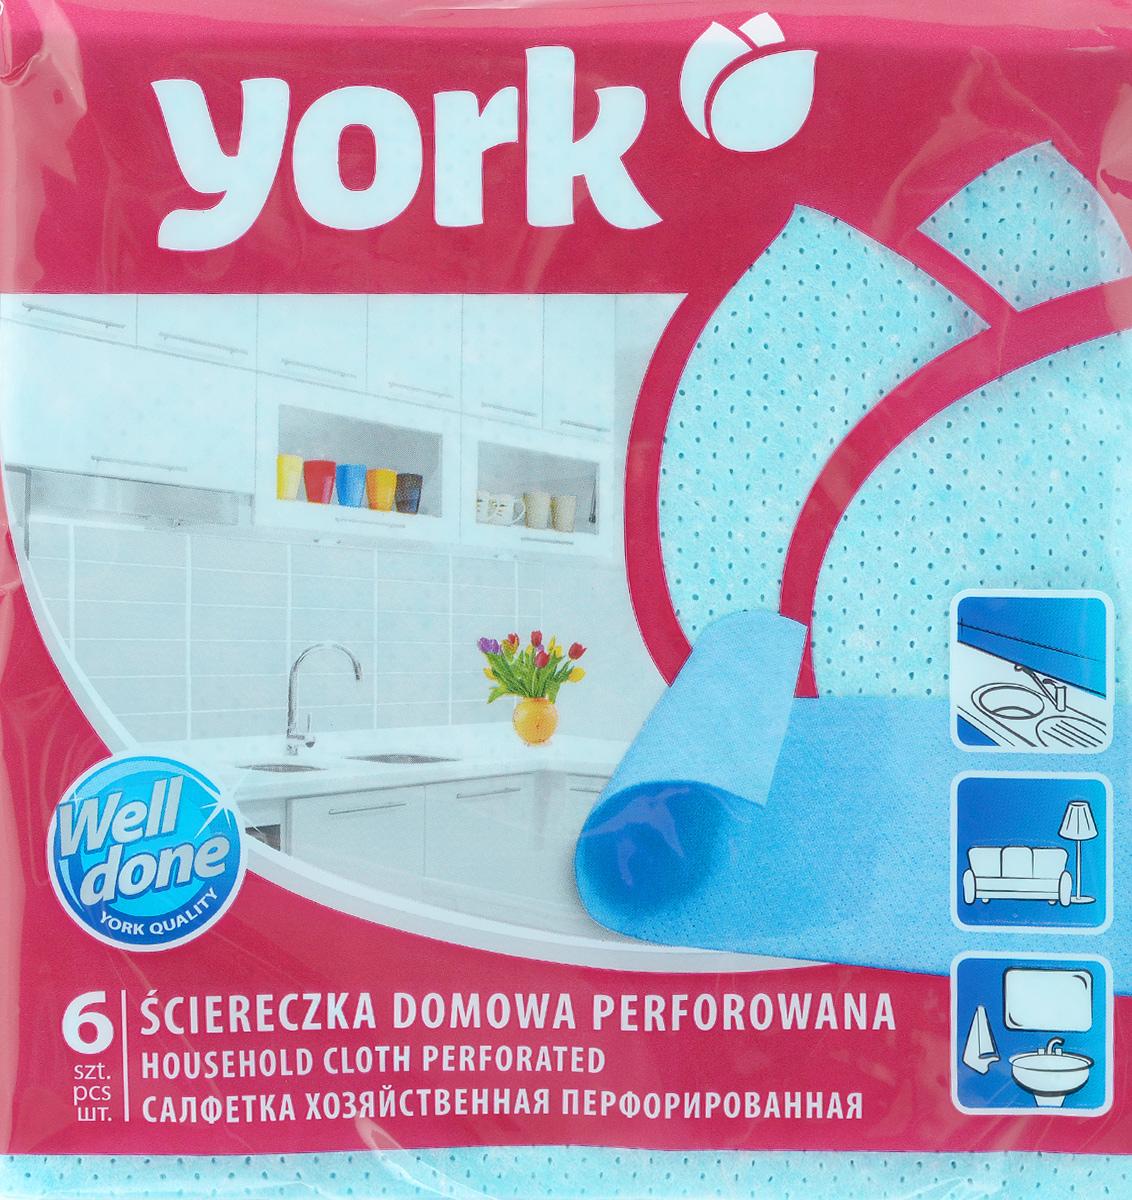 Салфетка перфорированная York, цвет: голубой, 34 х 35 см, 6 штVCA-00Перфорированная салфетка York предназначена для мытья, протирания и полировки. Салфетка выполнена из вискозы с добавлением полипропиленового волокна, отличается высокой прочностью. Благодаря перфорации хорошо поглощает влагу. Идеальна для ухода за столешницами на кухне. Может использоваться в сухом и влажном виде.